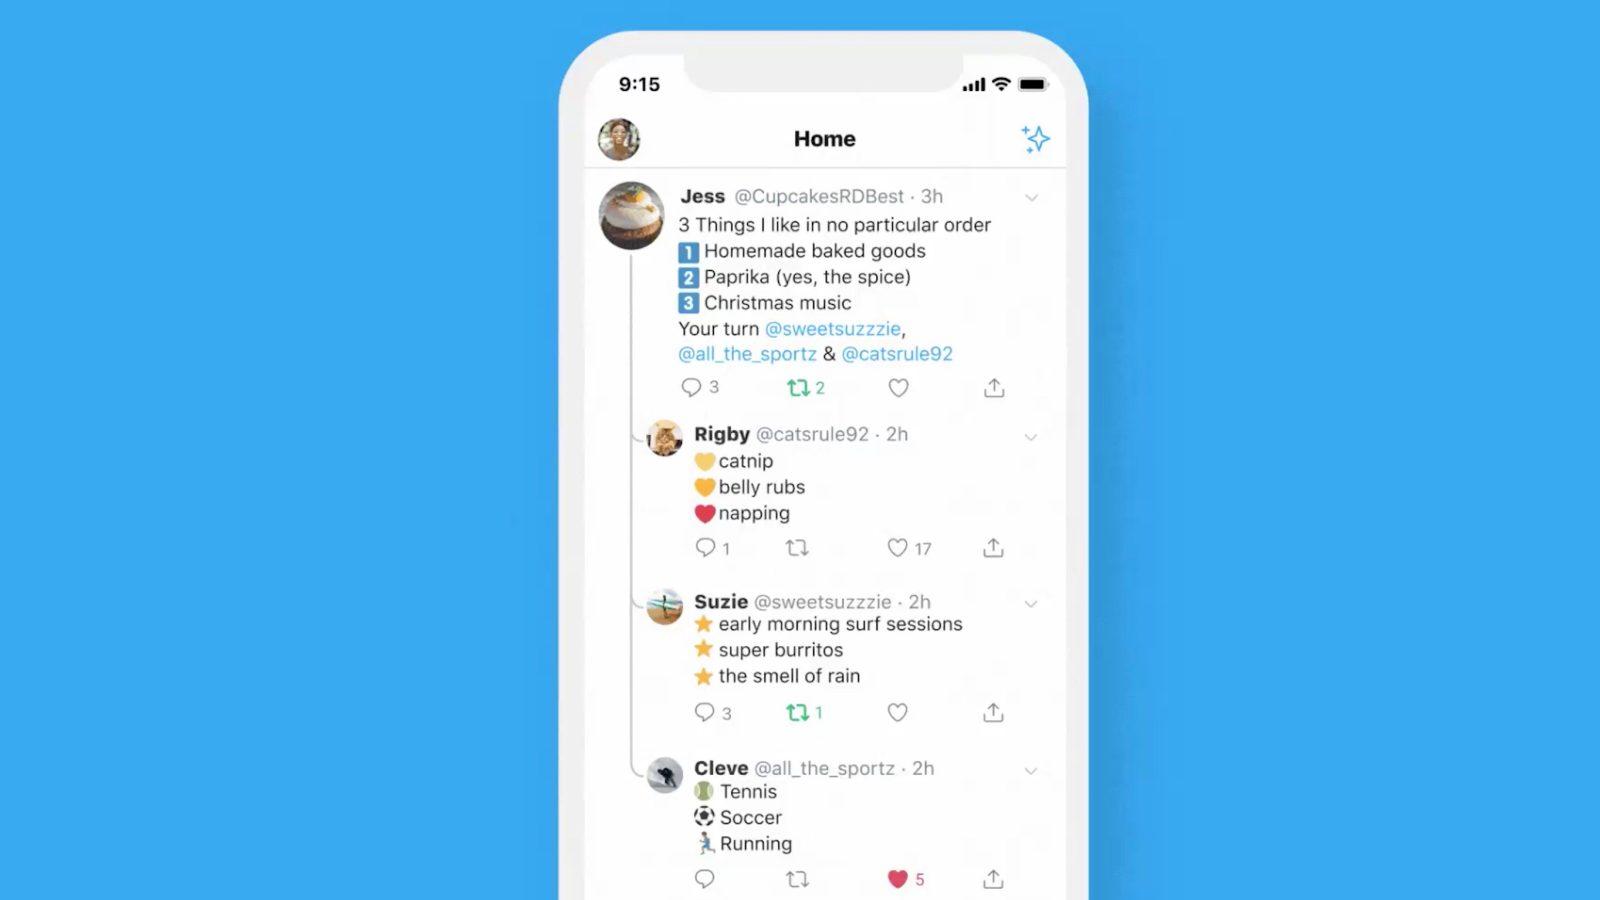 Respostas em threads no Twitter